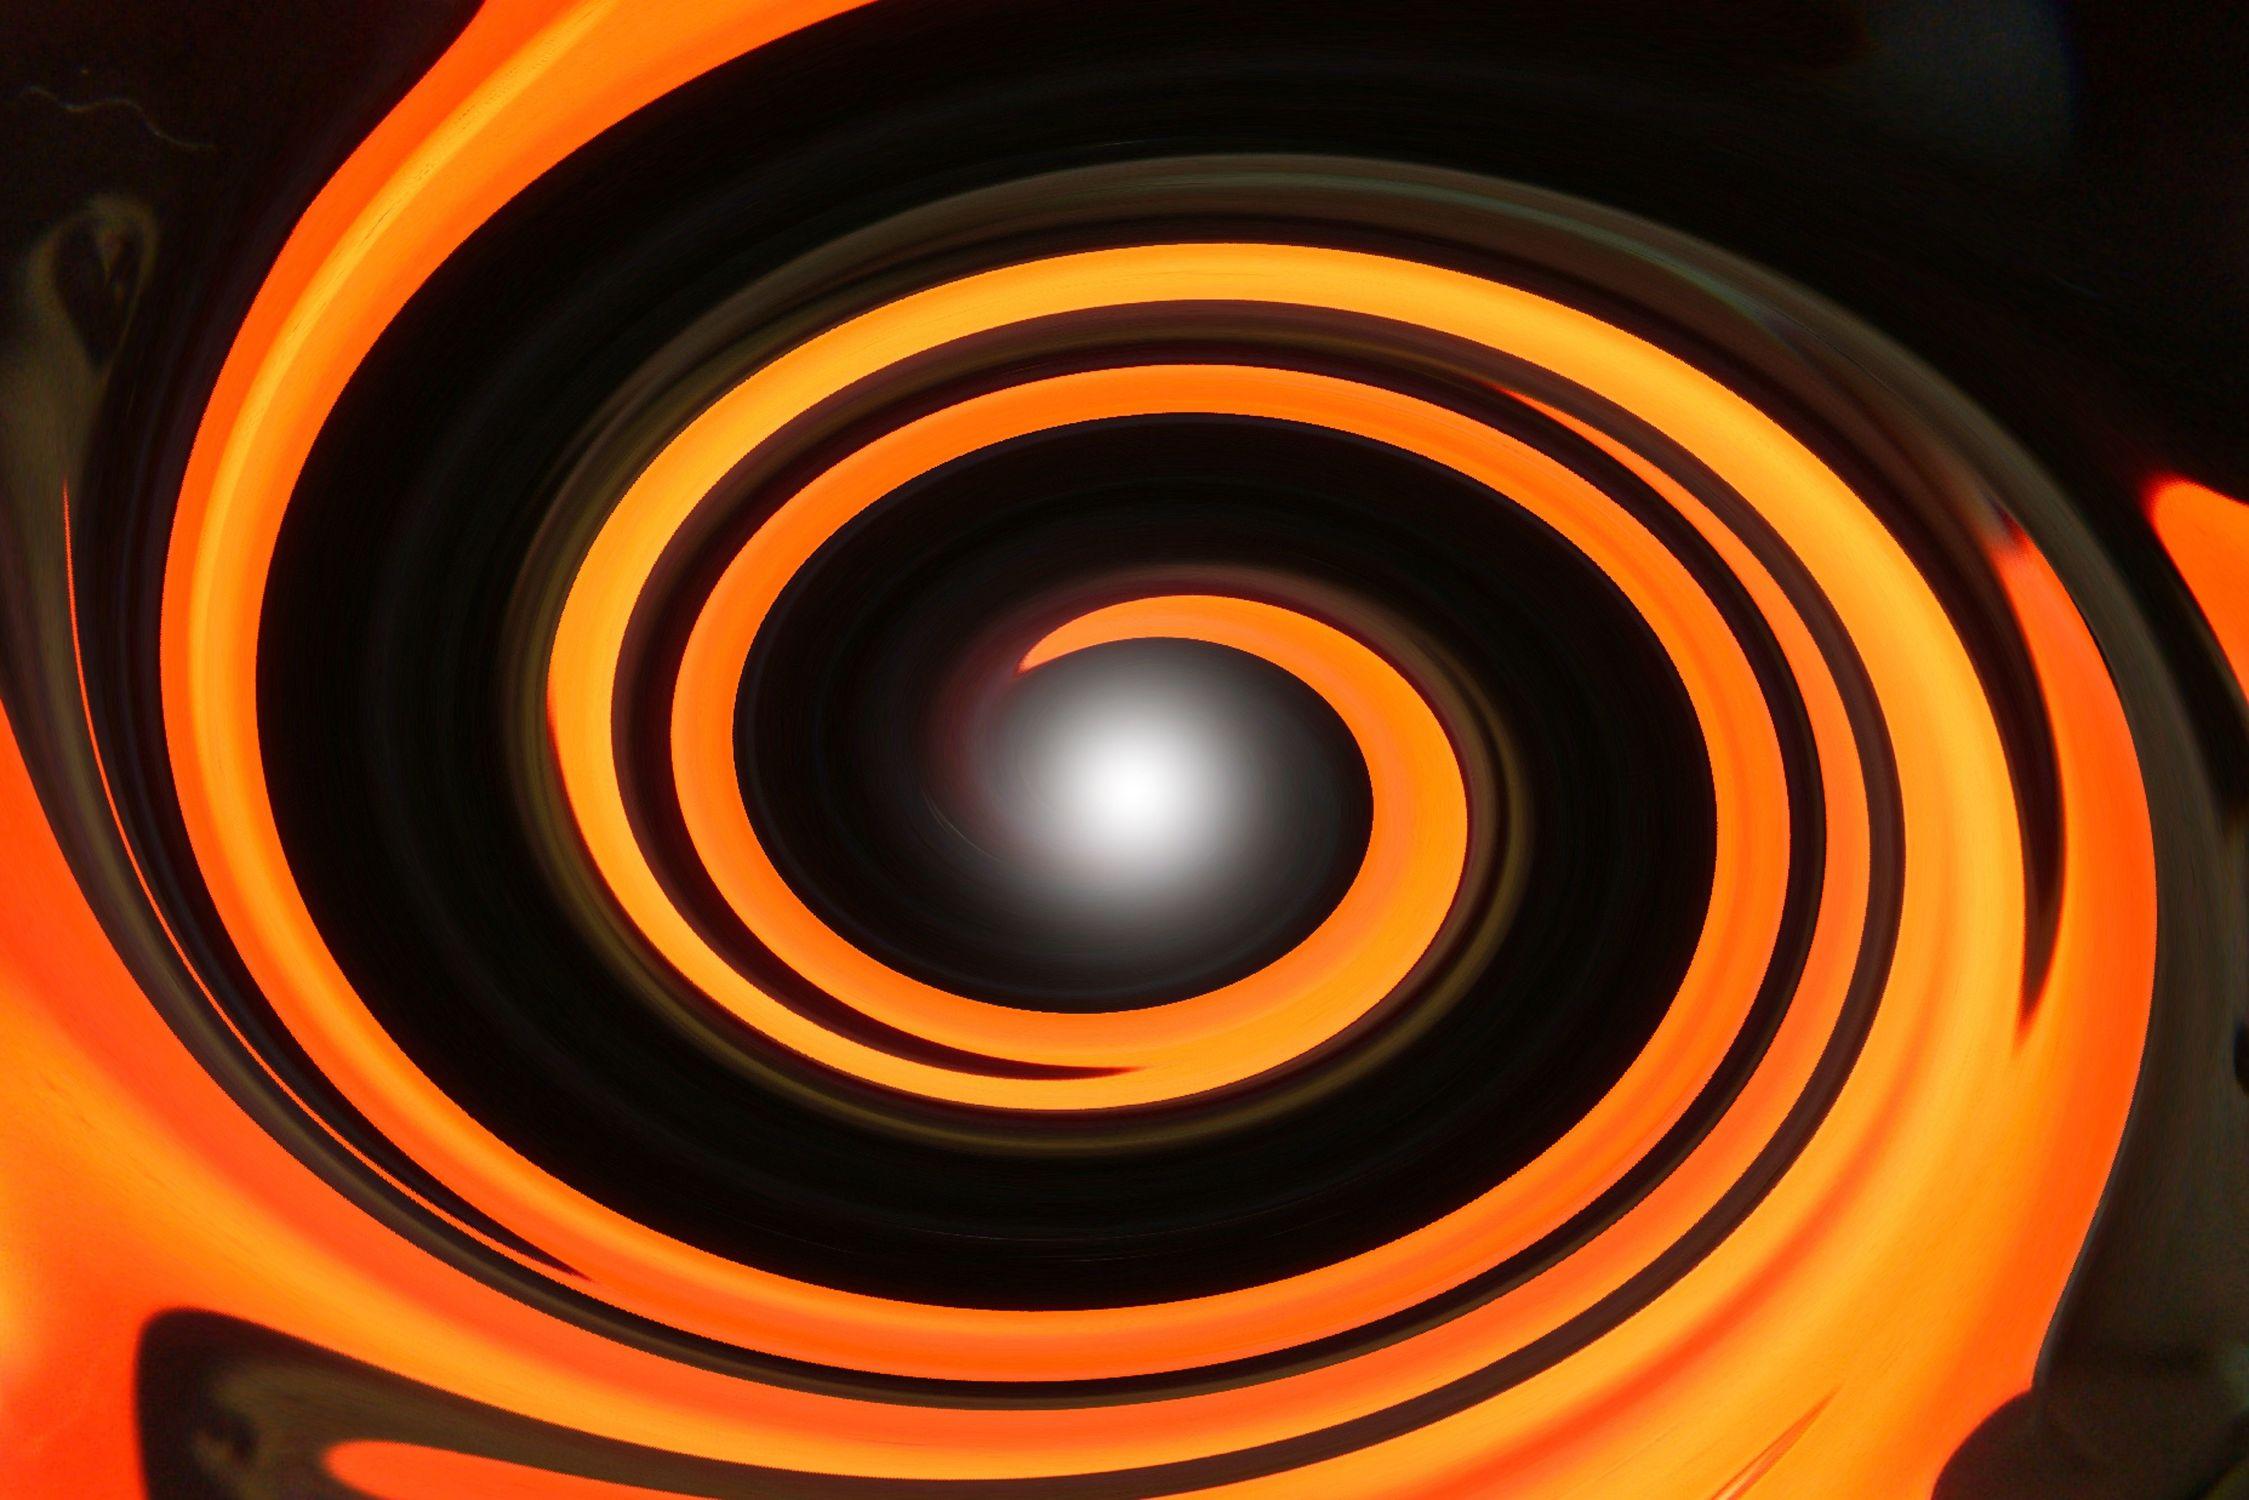 Bild mit Farben, Orange, Gelb, Gegenstände, Figuren und Formen, Spiralen